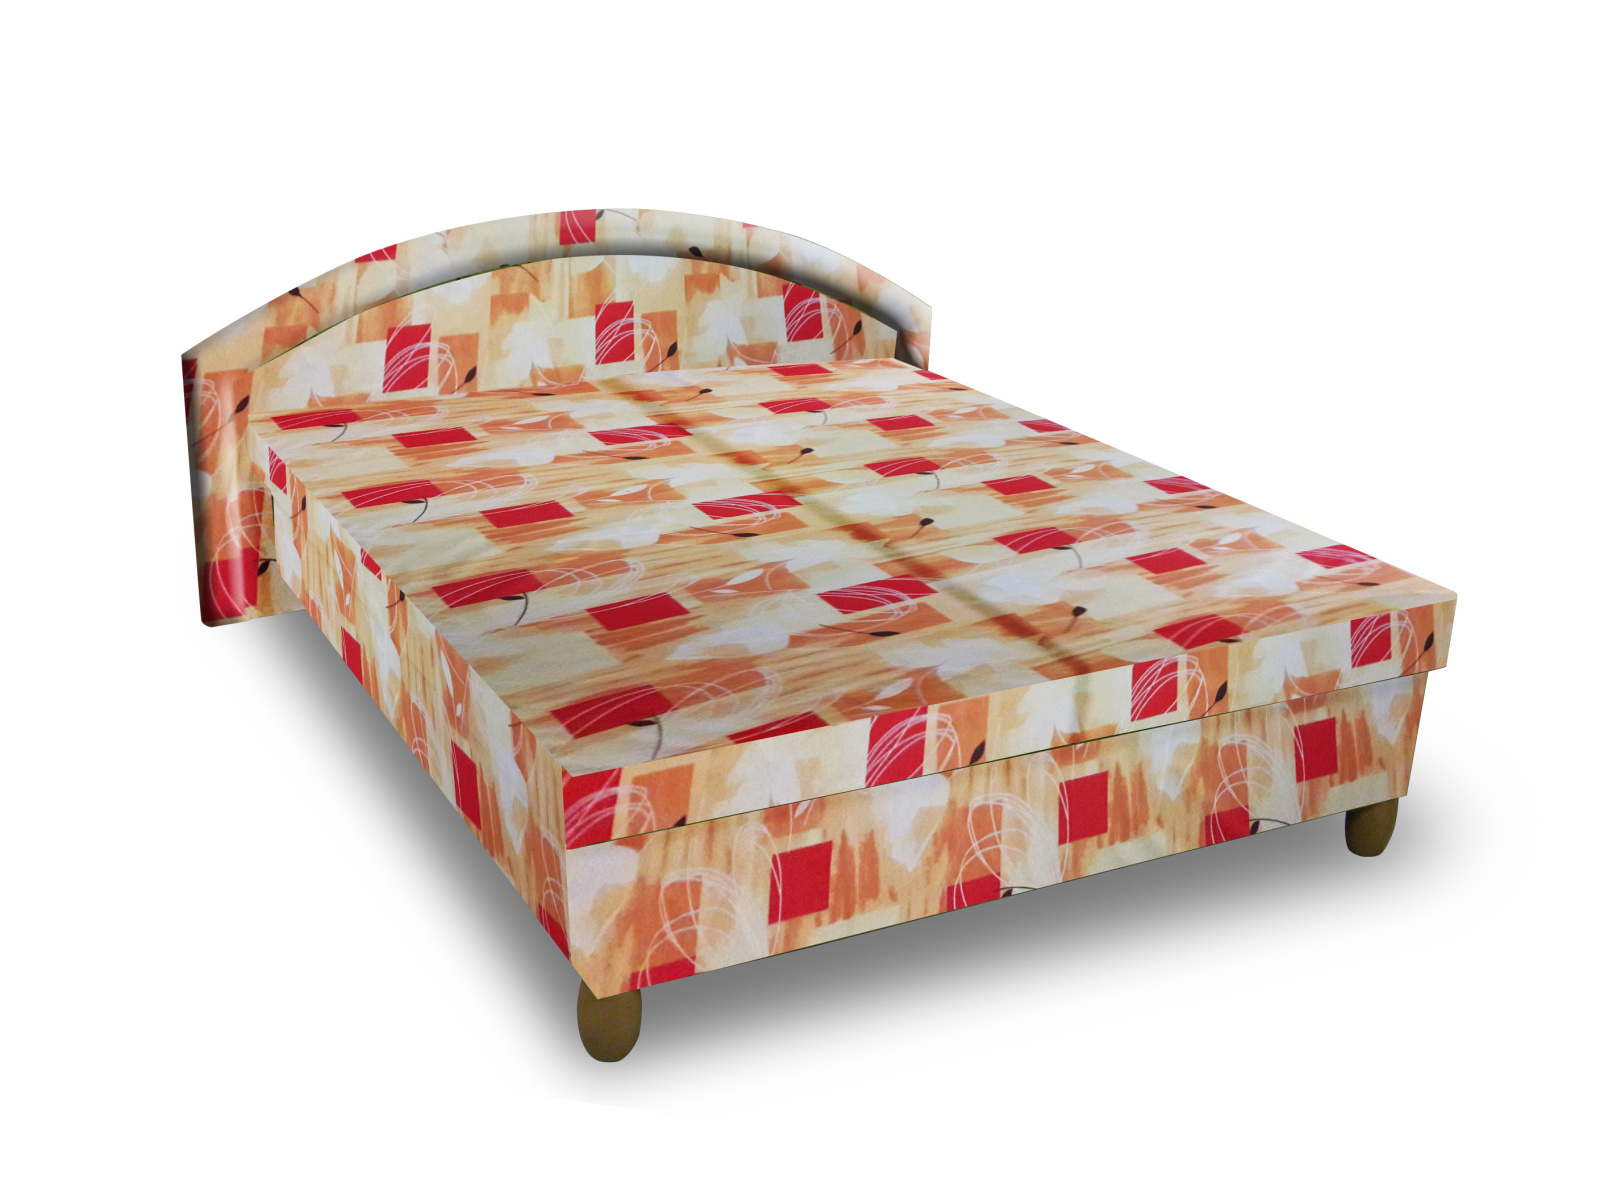 Smartshop Čalouněná postel MAGDA 140x200 cm, oranžová látka